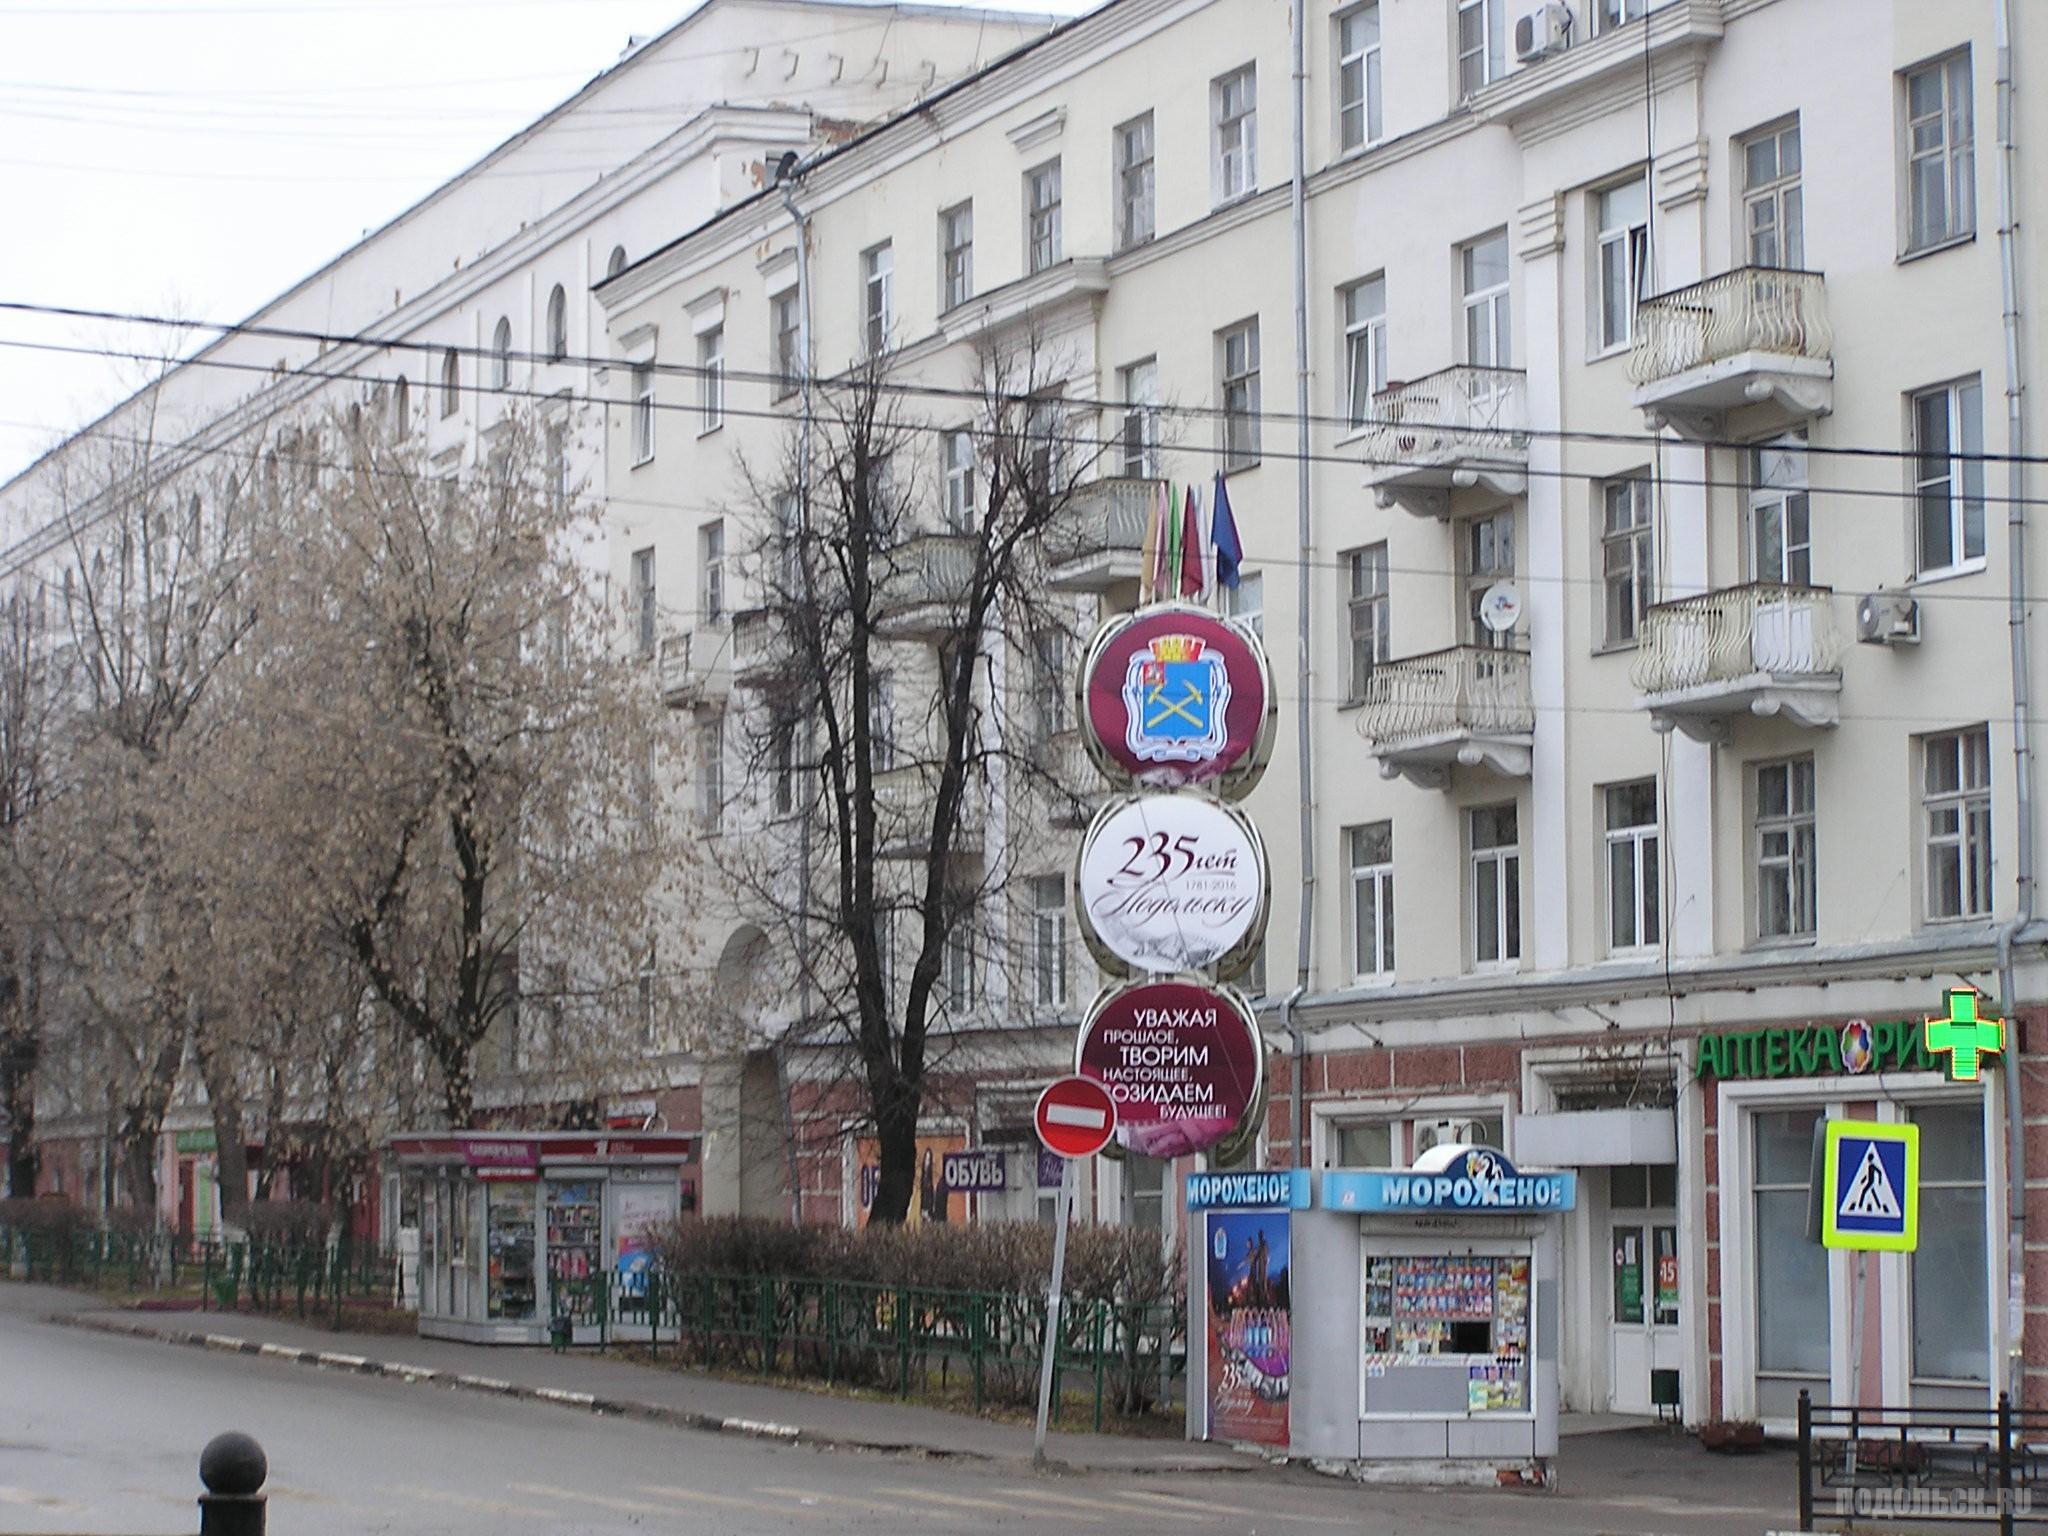 Февральская улица. 2 апреля 2017.